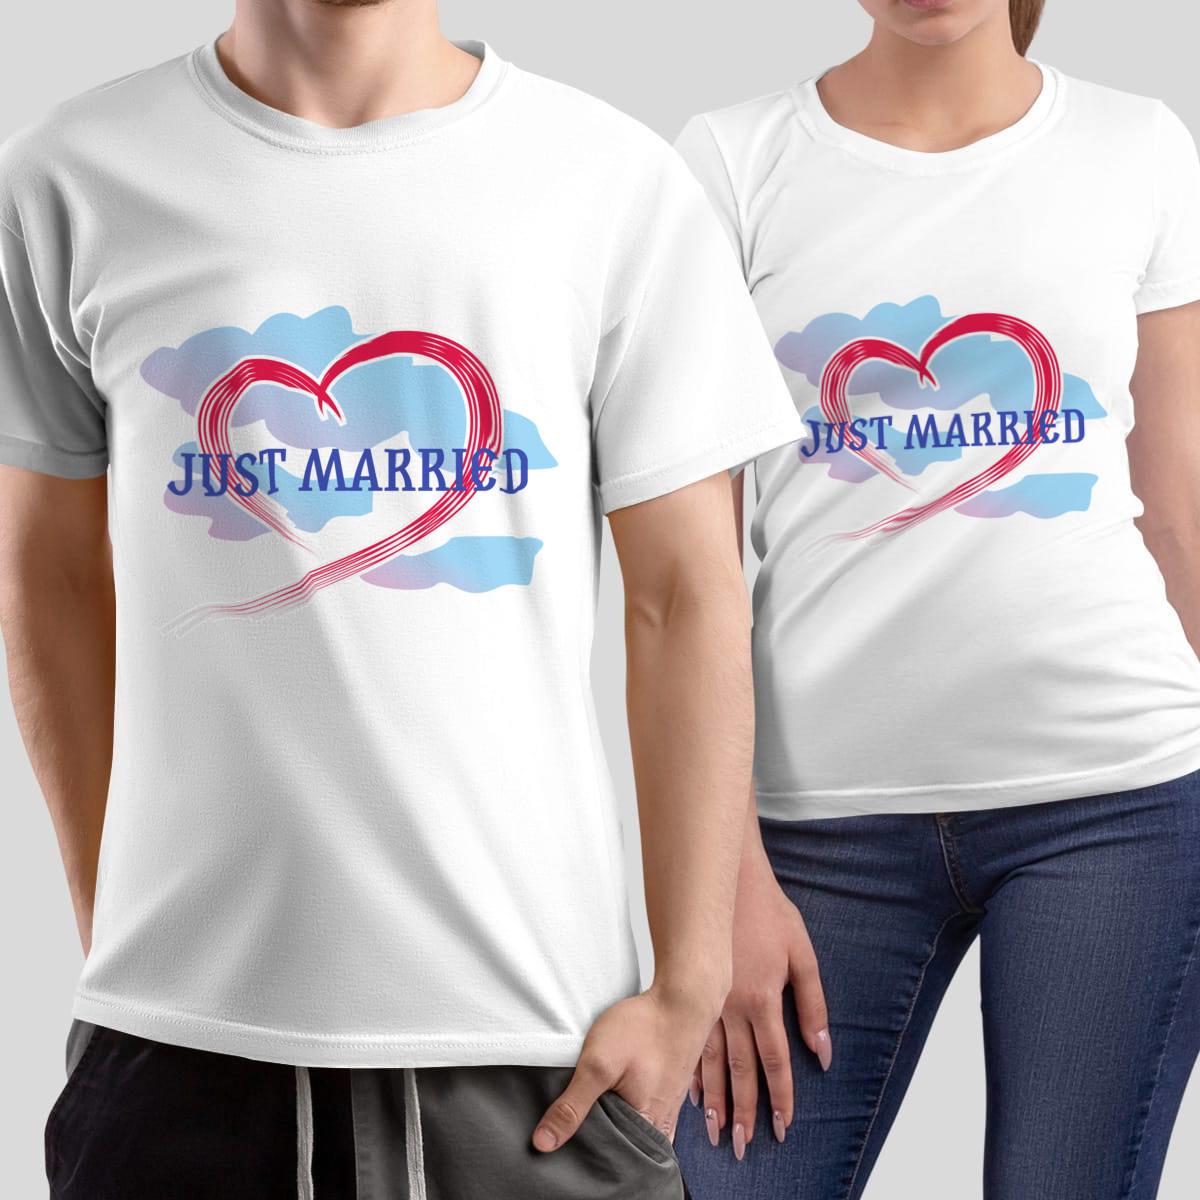 Комплект прикольных парных футболок *Just Married*